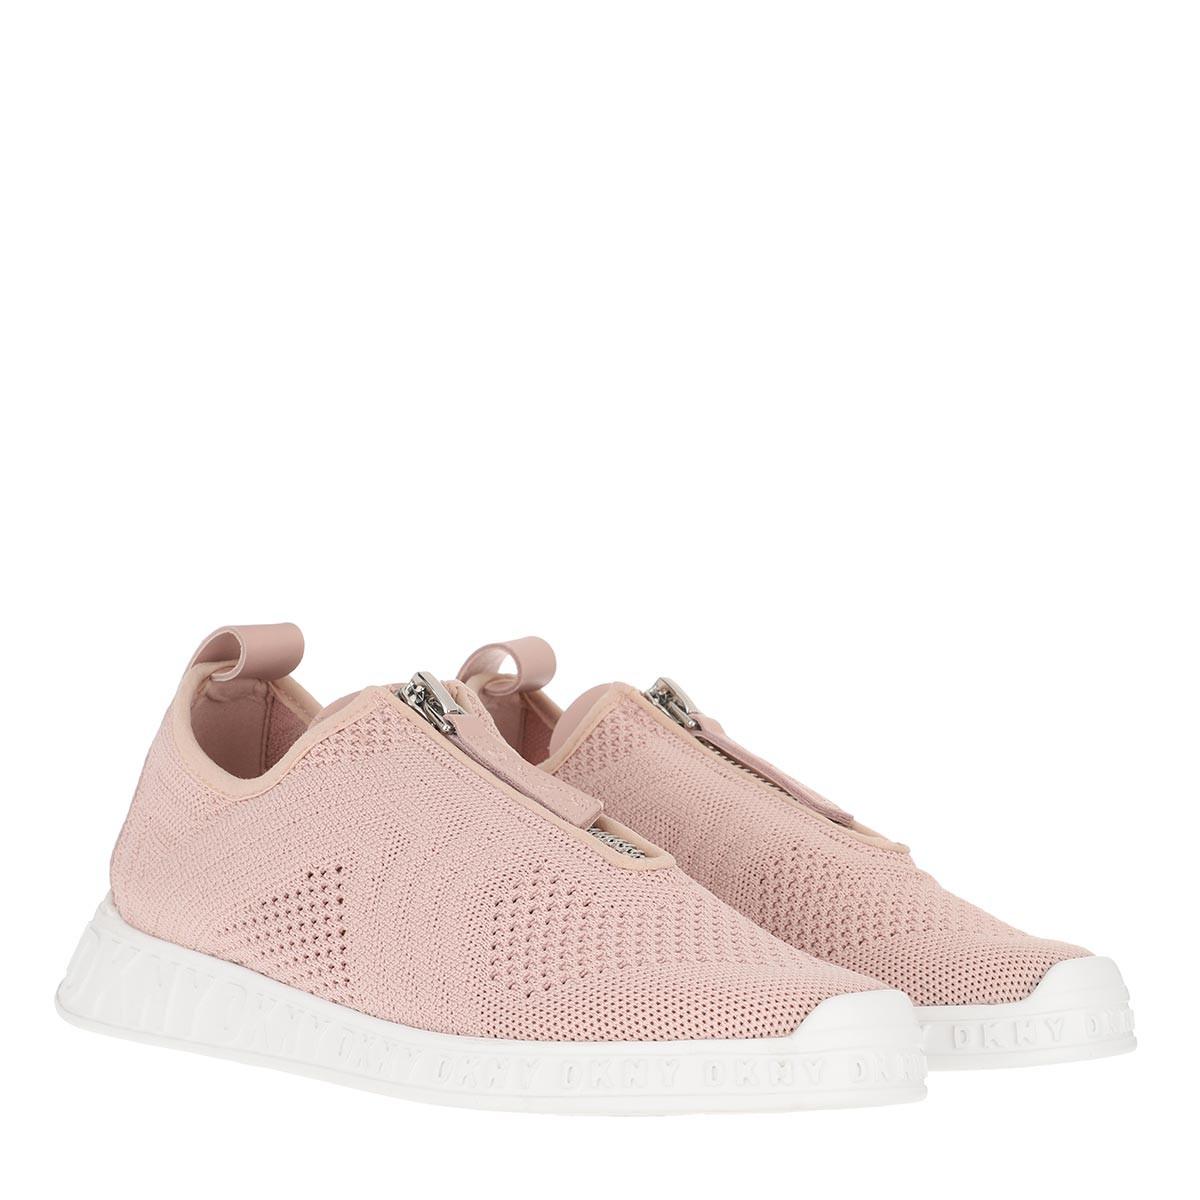 DKNY Sneakers - Melissa Slip On Sneaker Blush - in rosa - für Damen